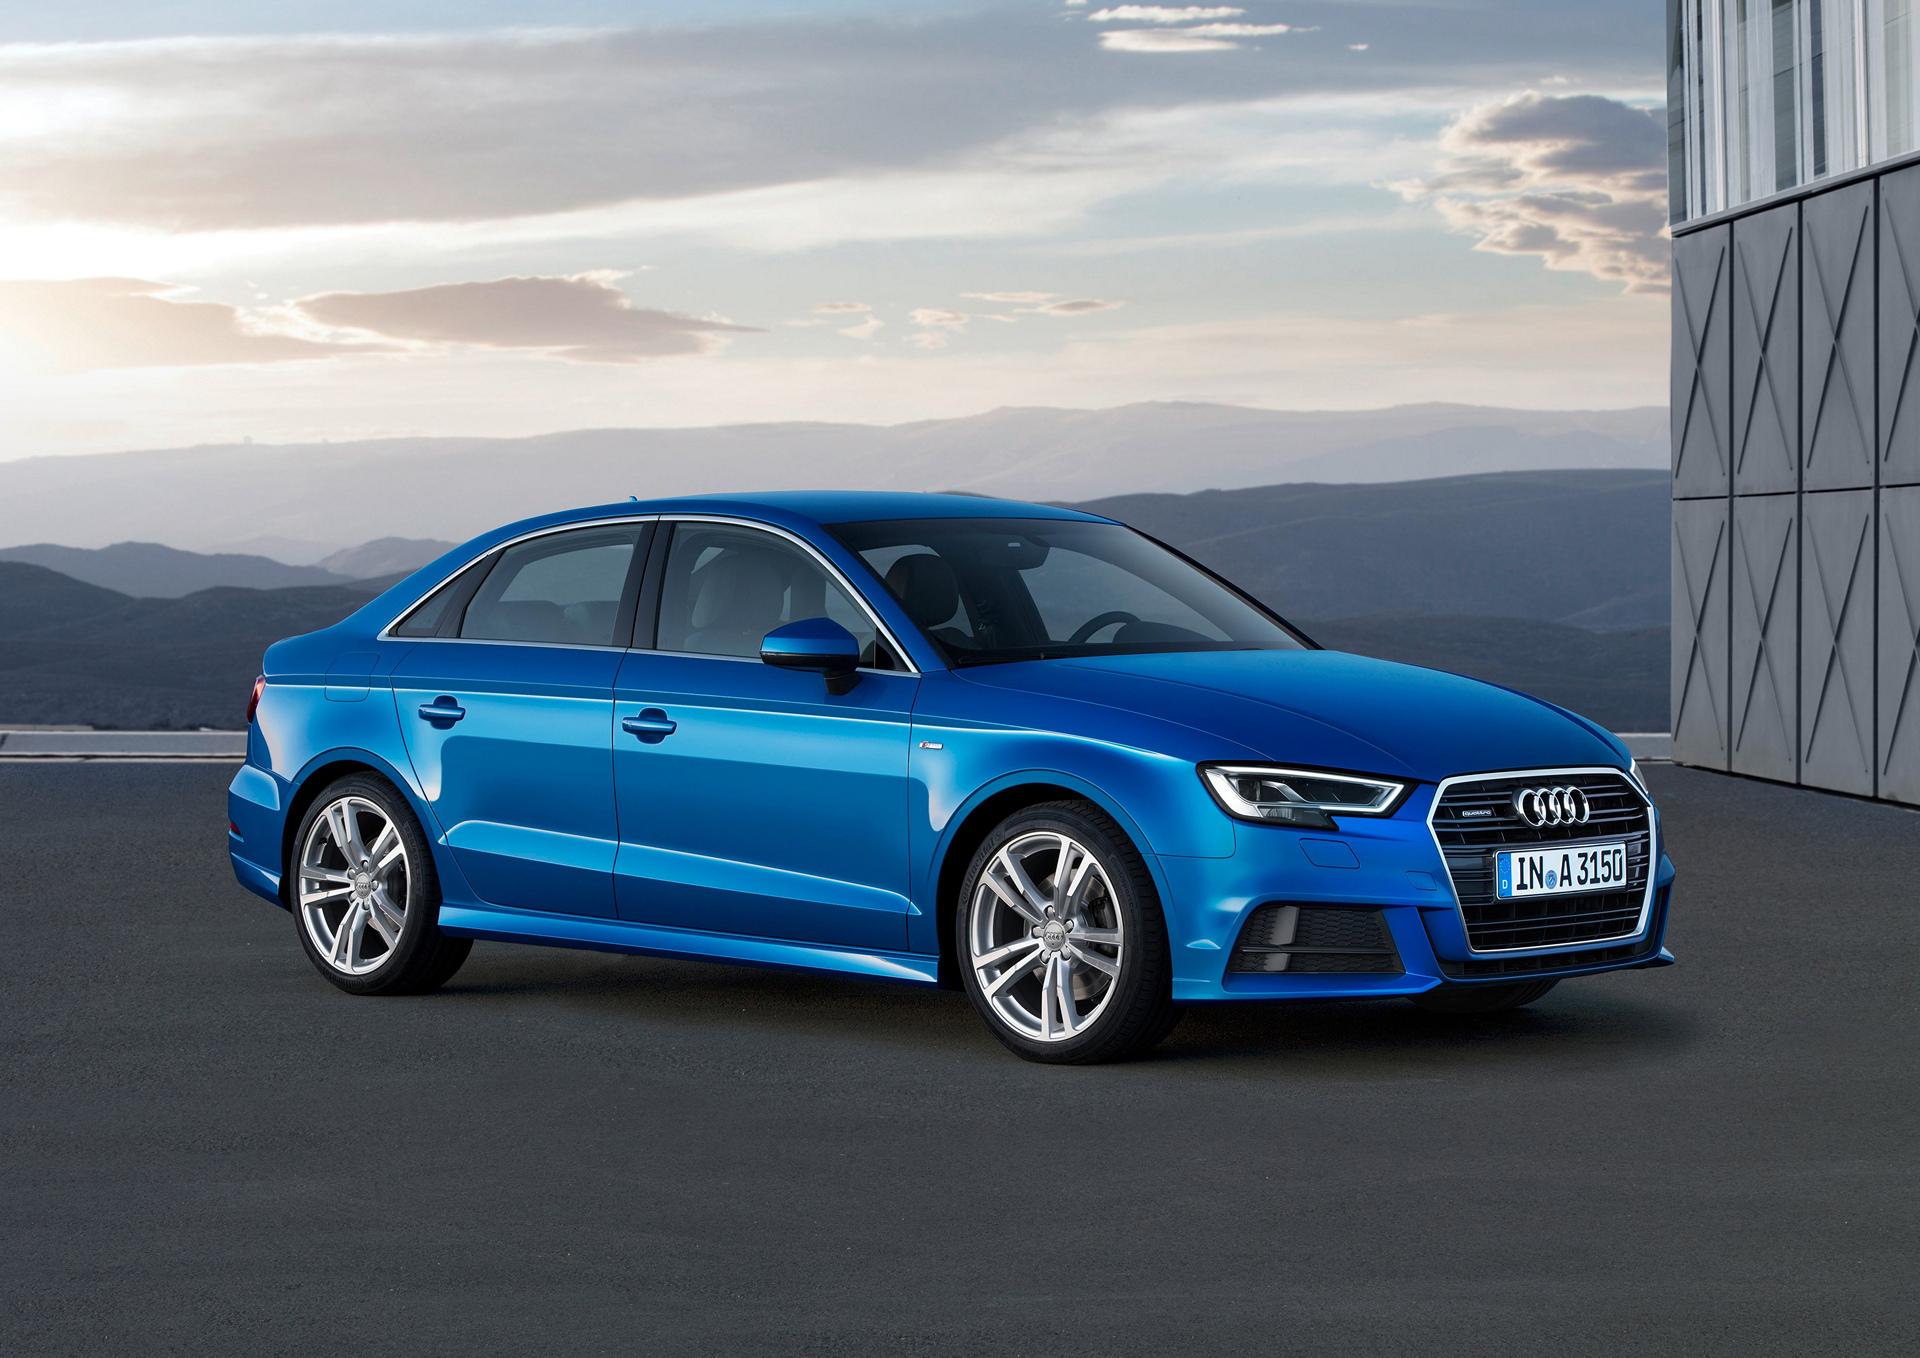 Audi A3 Sedan © Volkswagen AG